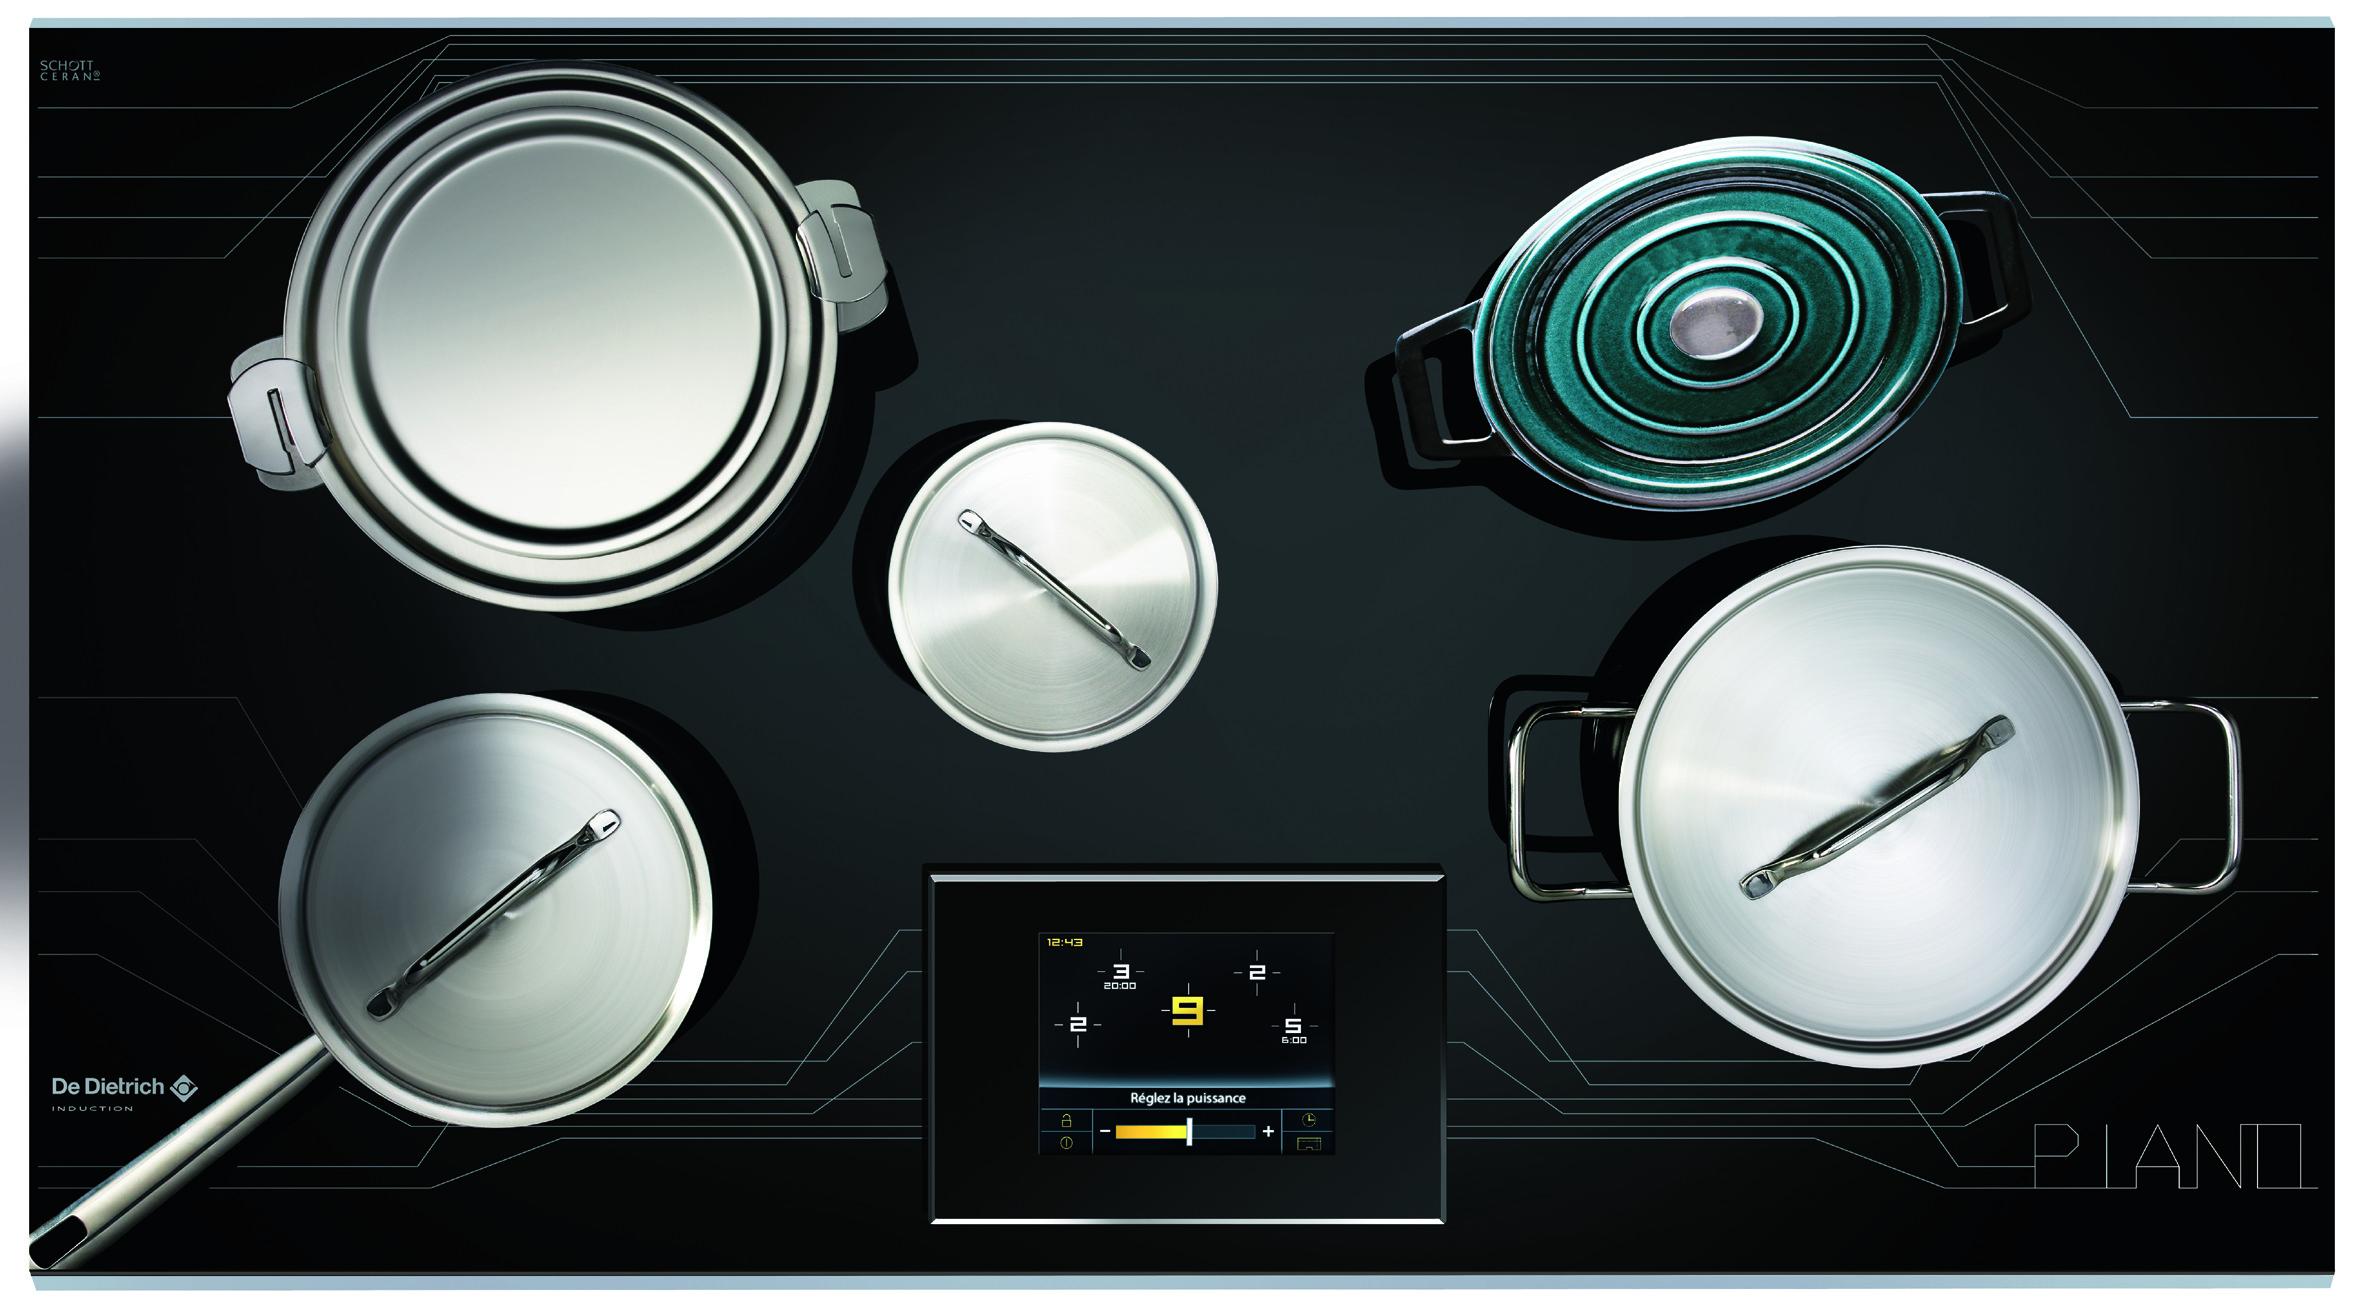 De Dietrich Kitchen Appliances Induction Hob De Dietrich Piano Dtim1000c